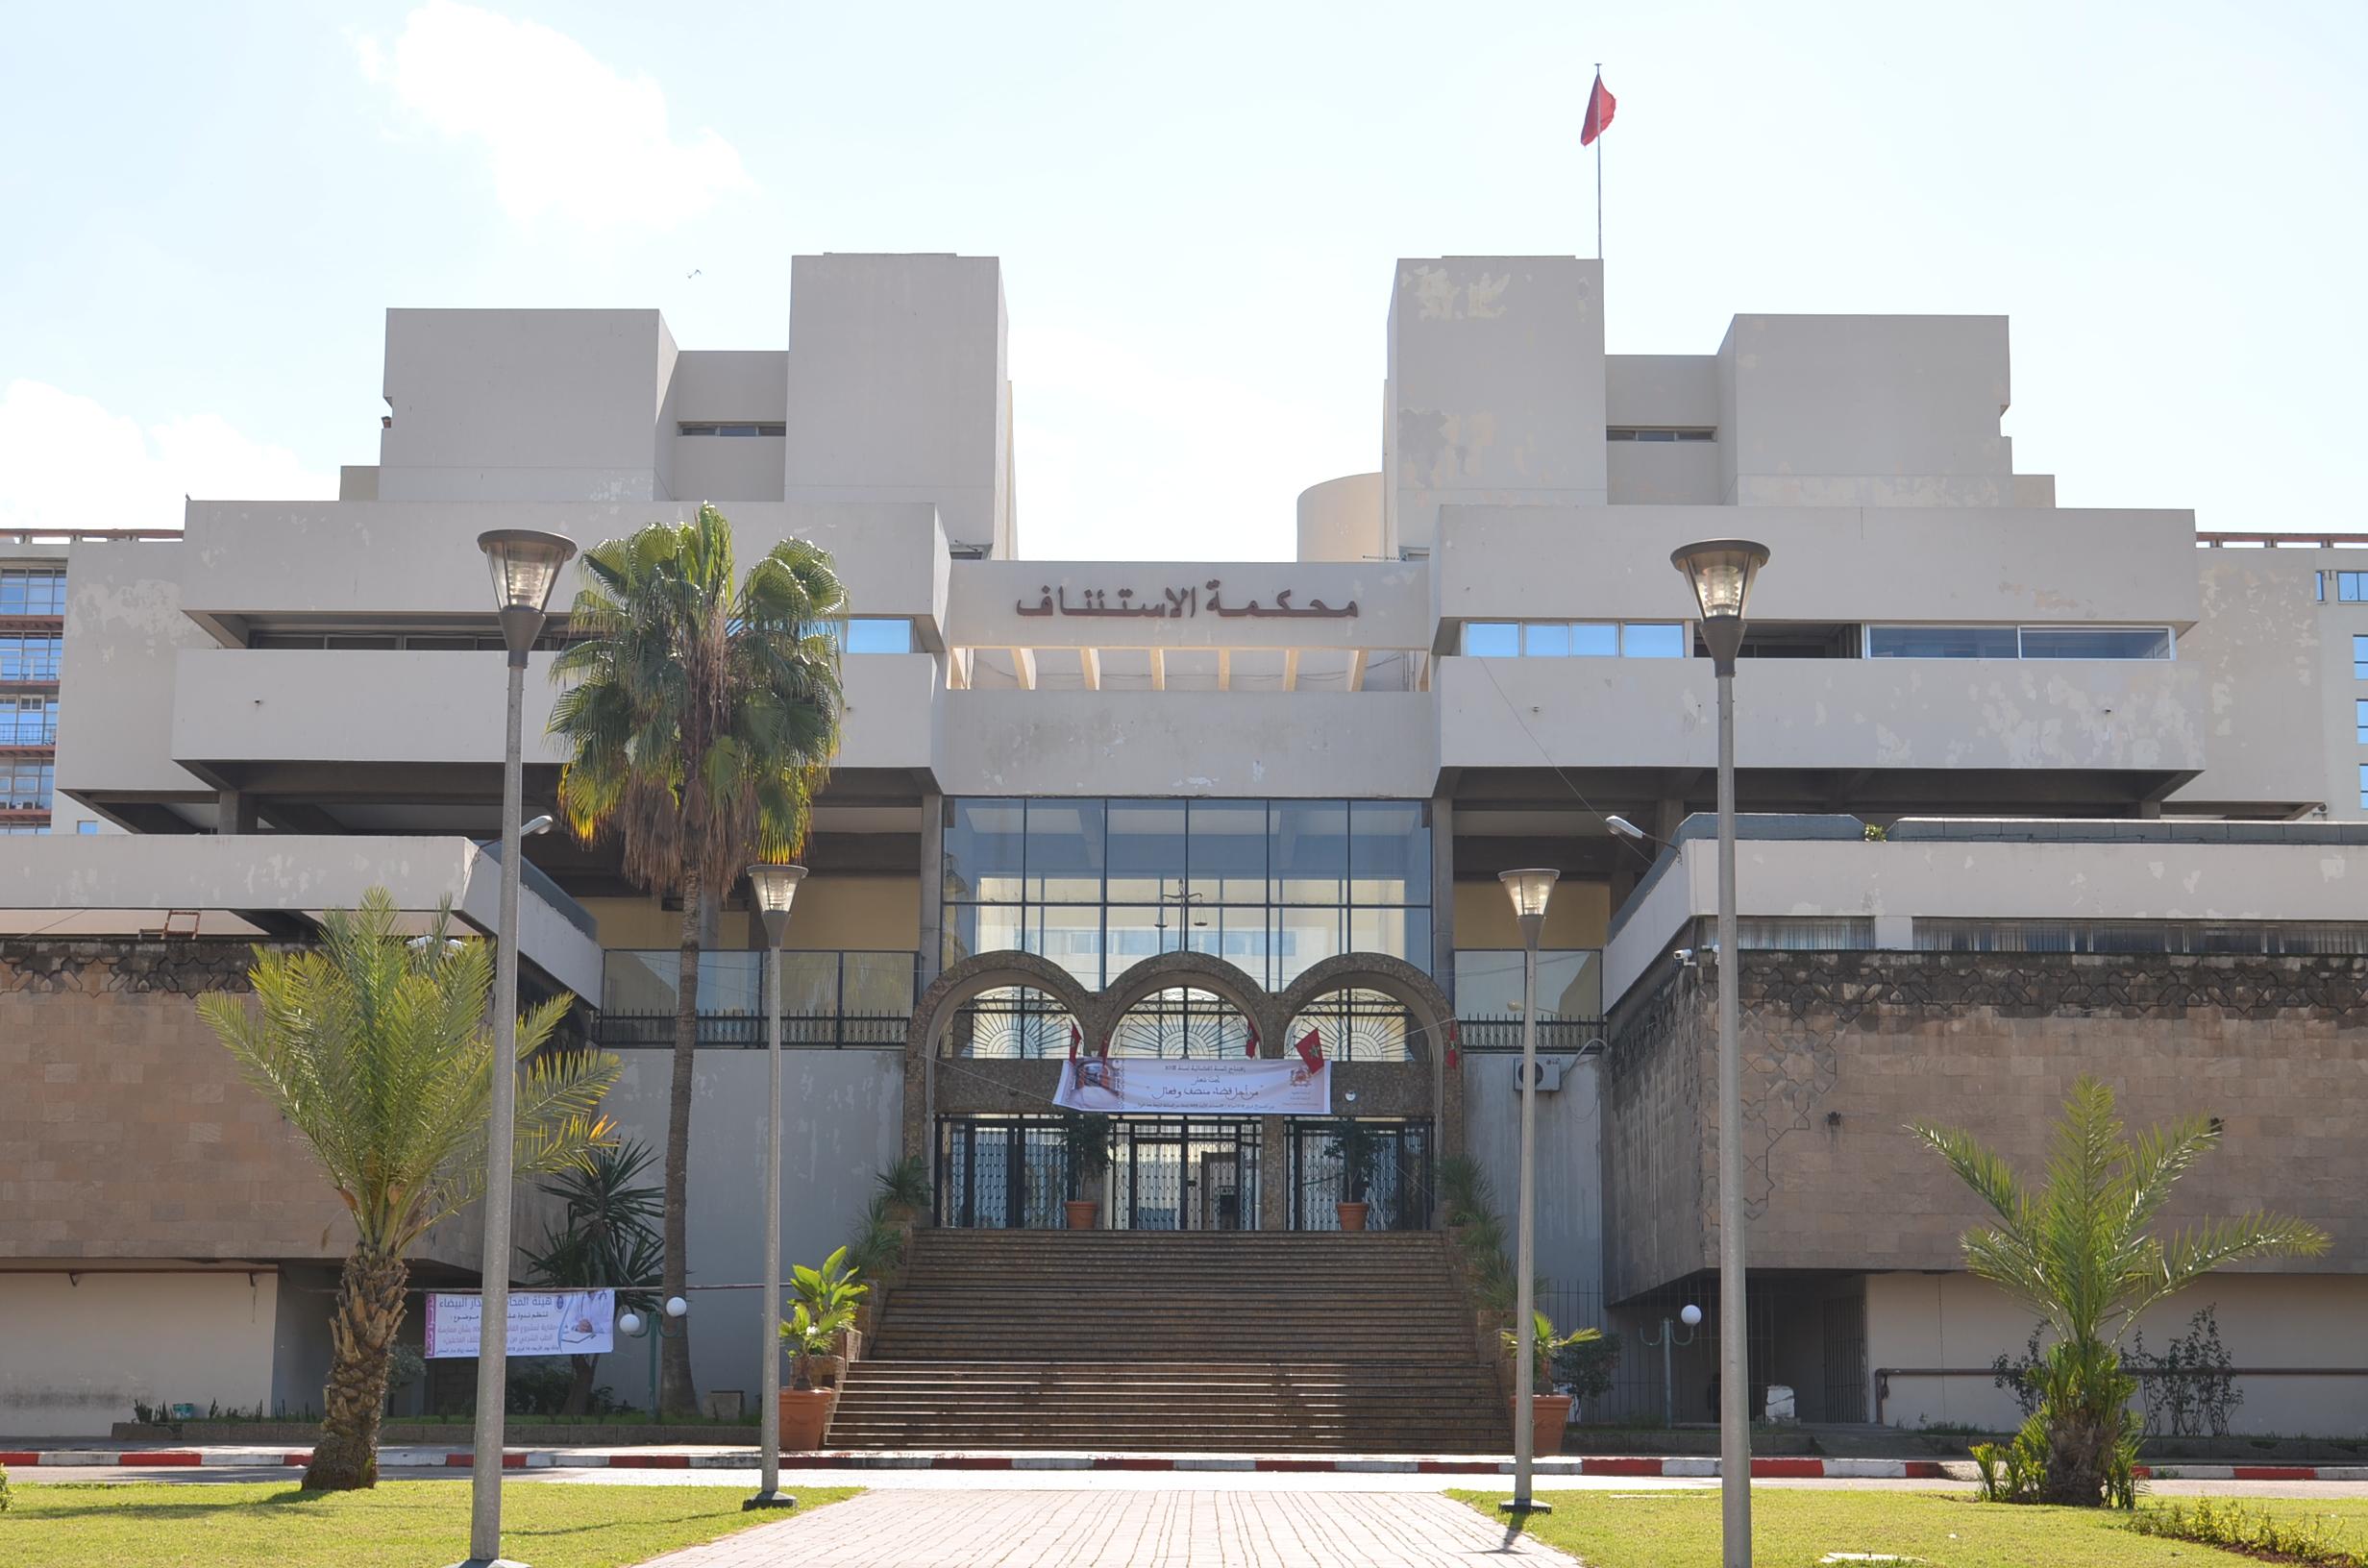 محكمة الإستئناف الدار البيضاء - المملكة المغربية - وزارة العدل و الحريات -